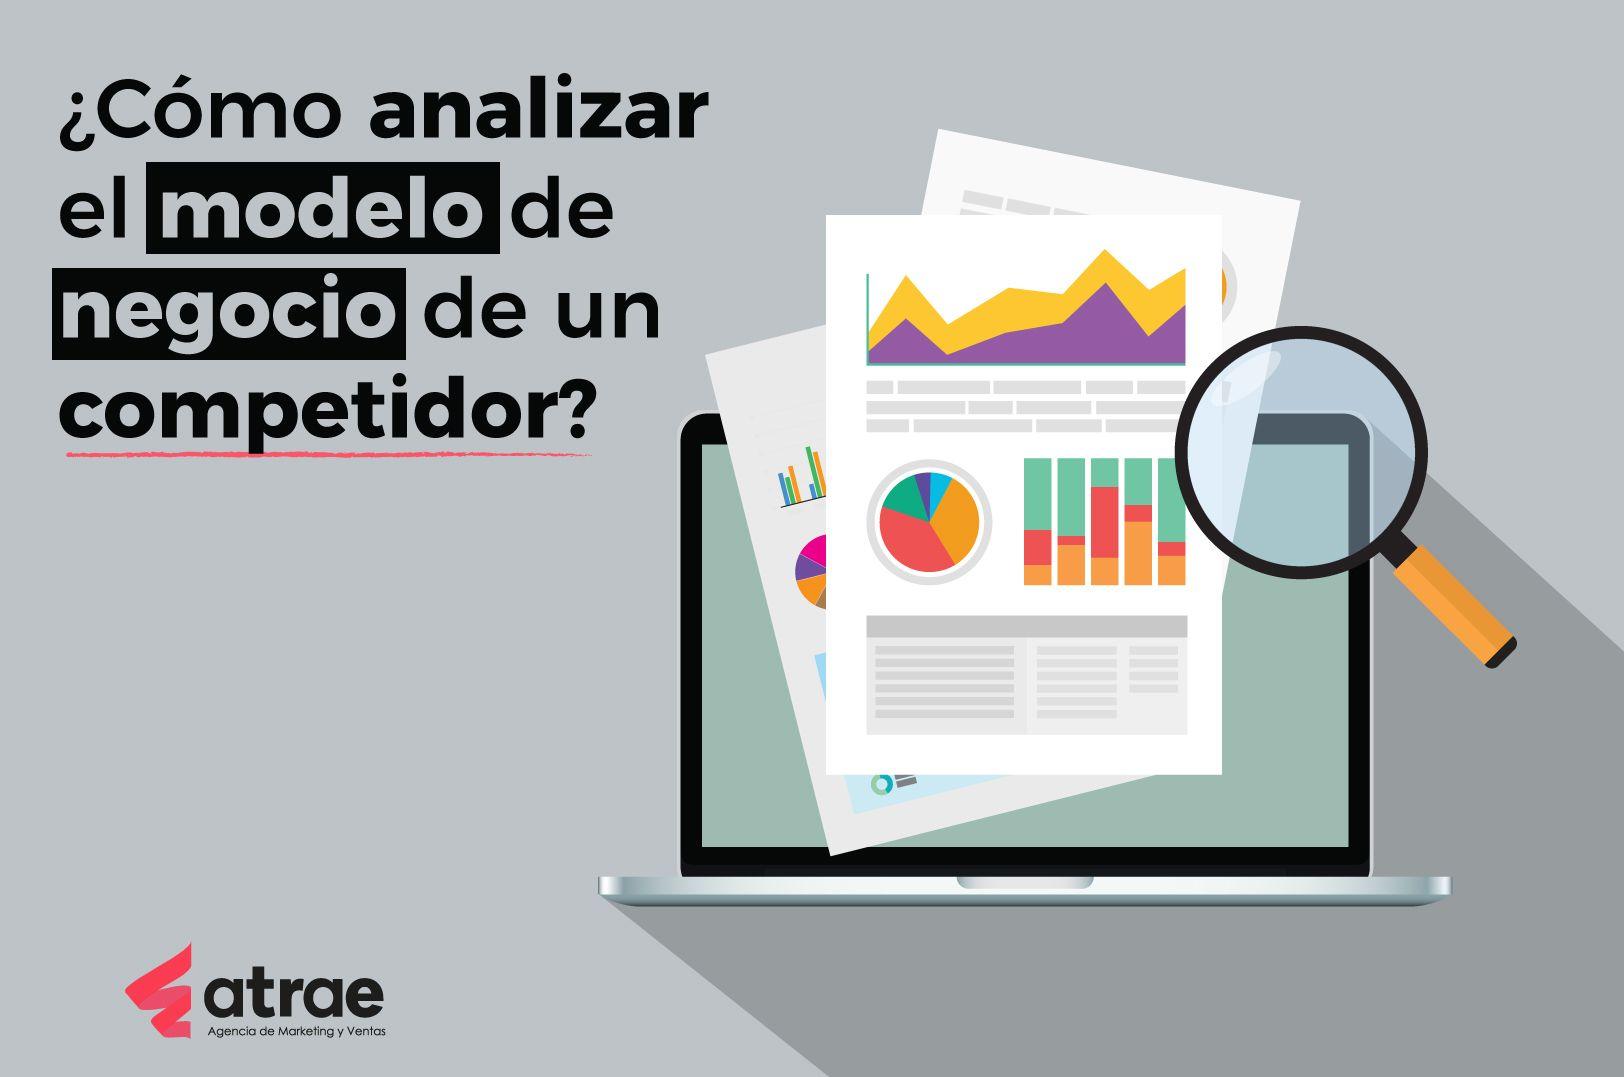 Cómo analizar el modelo de negocio de un competidor ATRAE Agencia en embudos de conversión Bogotá